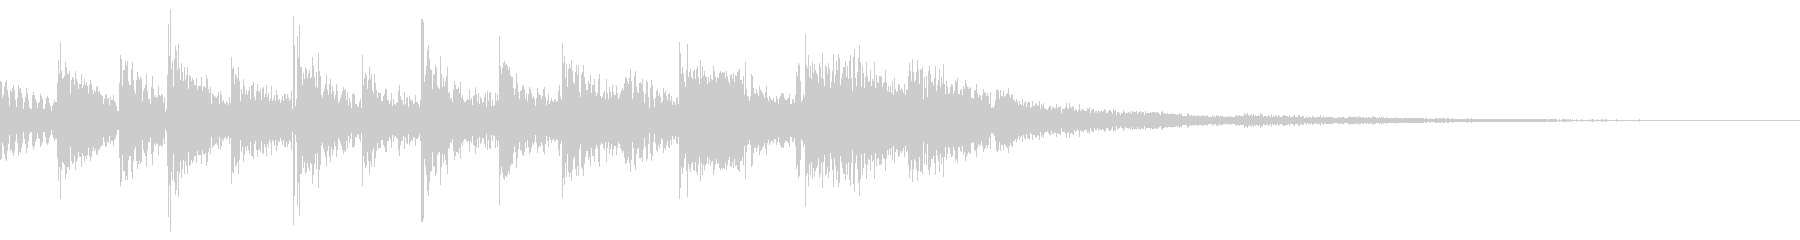 ひらめく(フレクサトーンで演奏)の未再生の波形